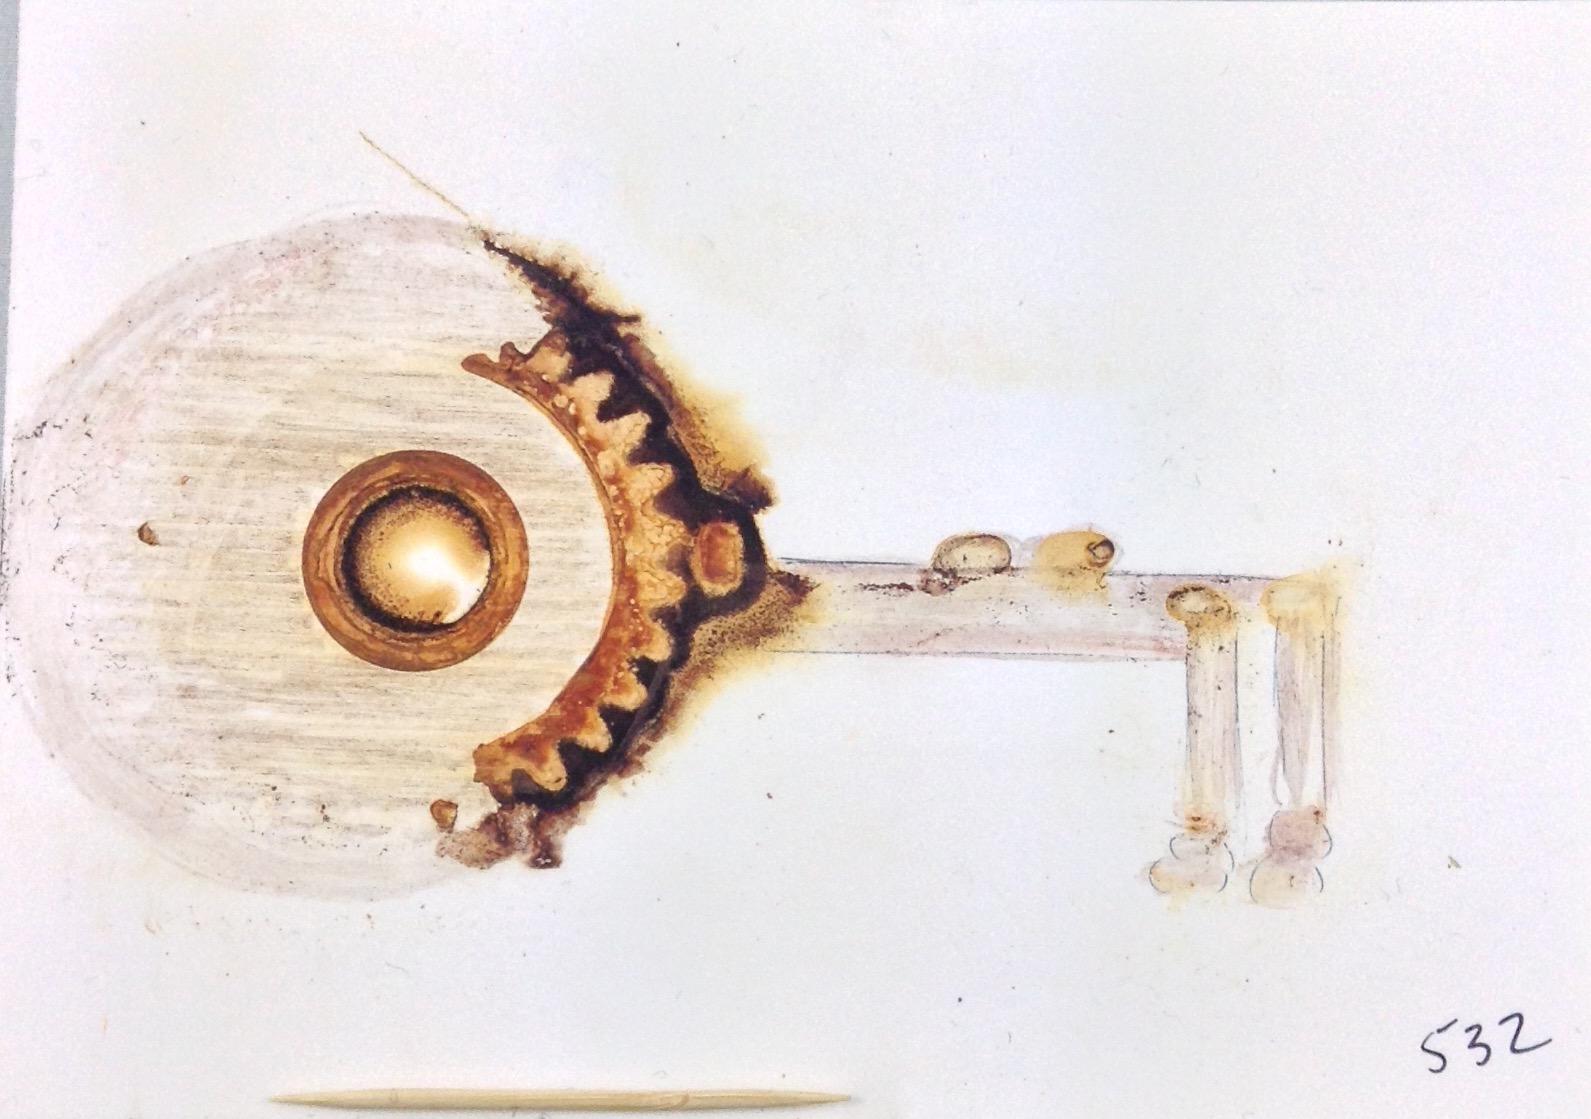 Key 532